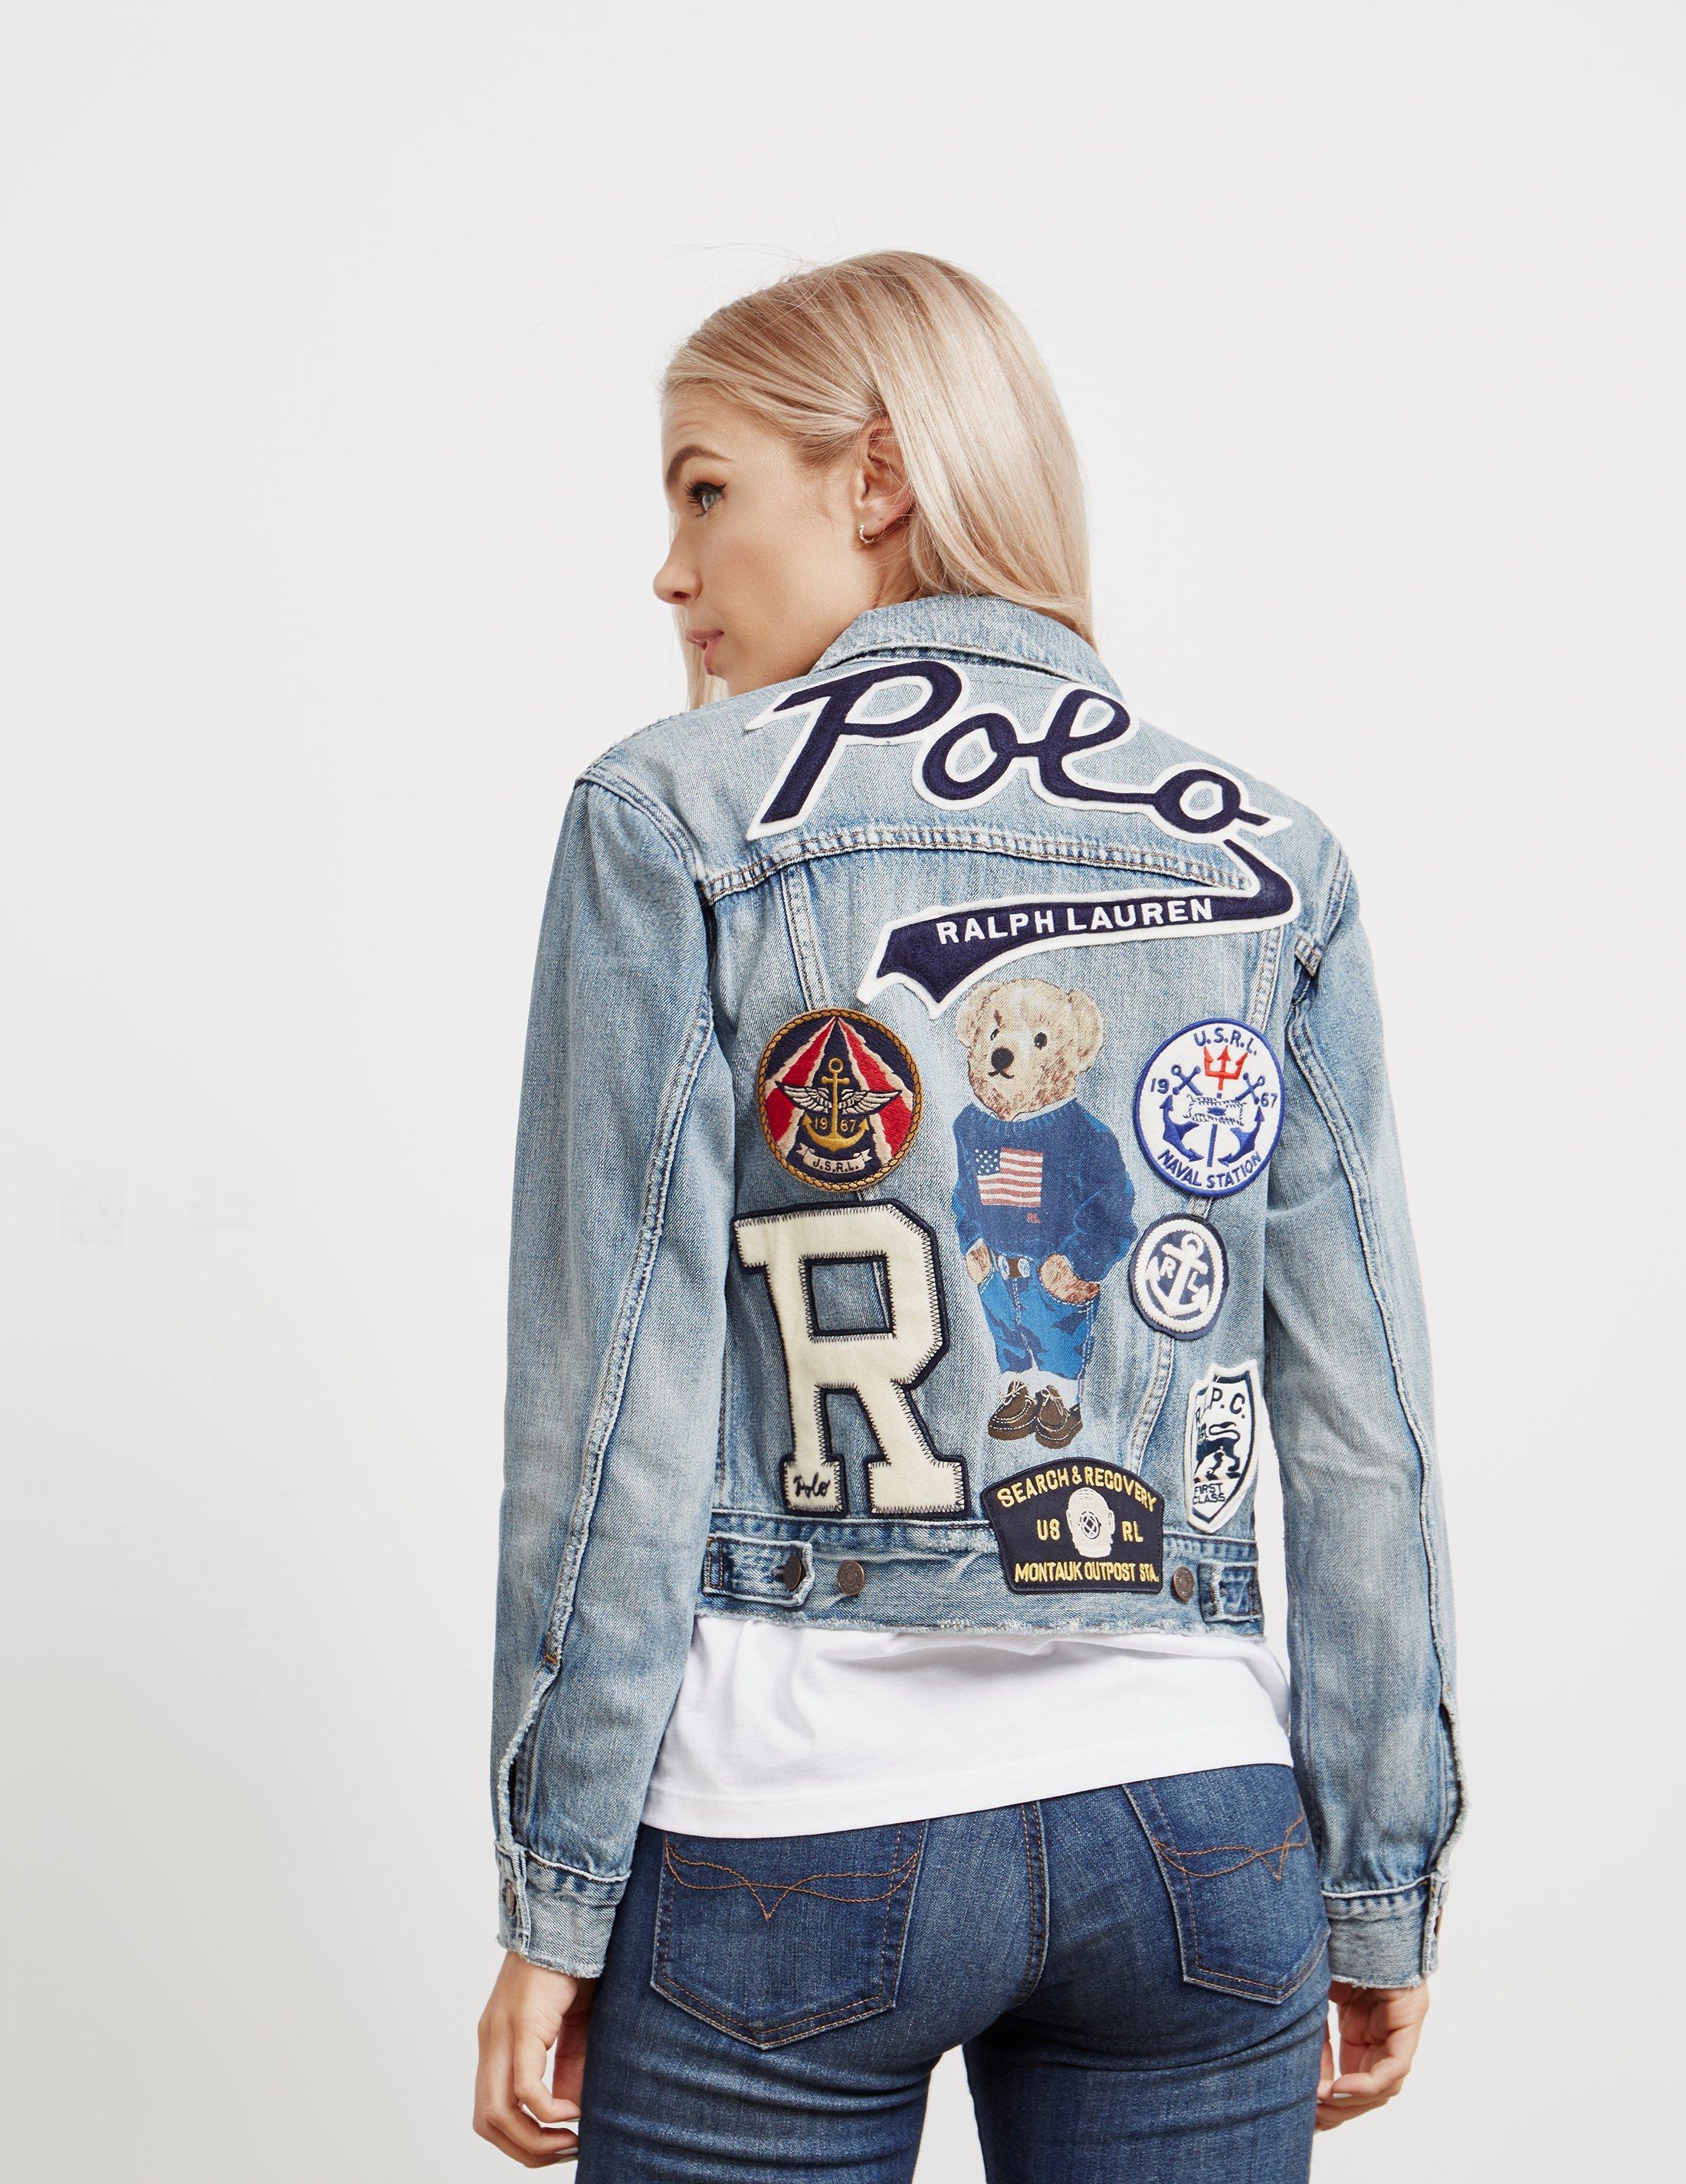 fc7b769b36 Polo Ralph Lauren Womens Bear Trucker Denim Jacket - Online ...